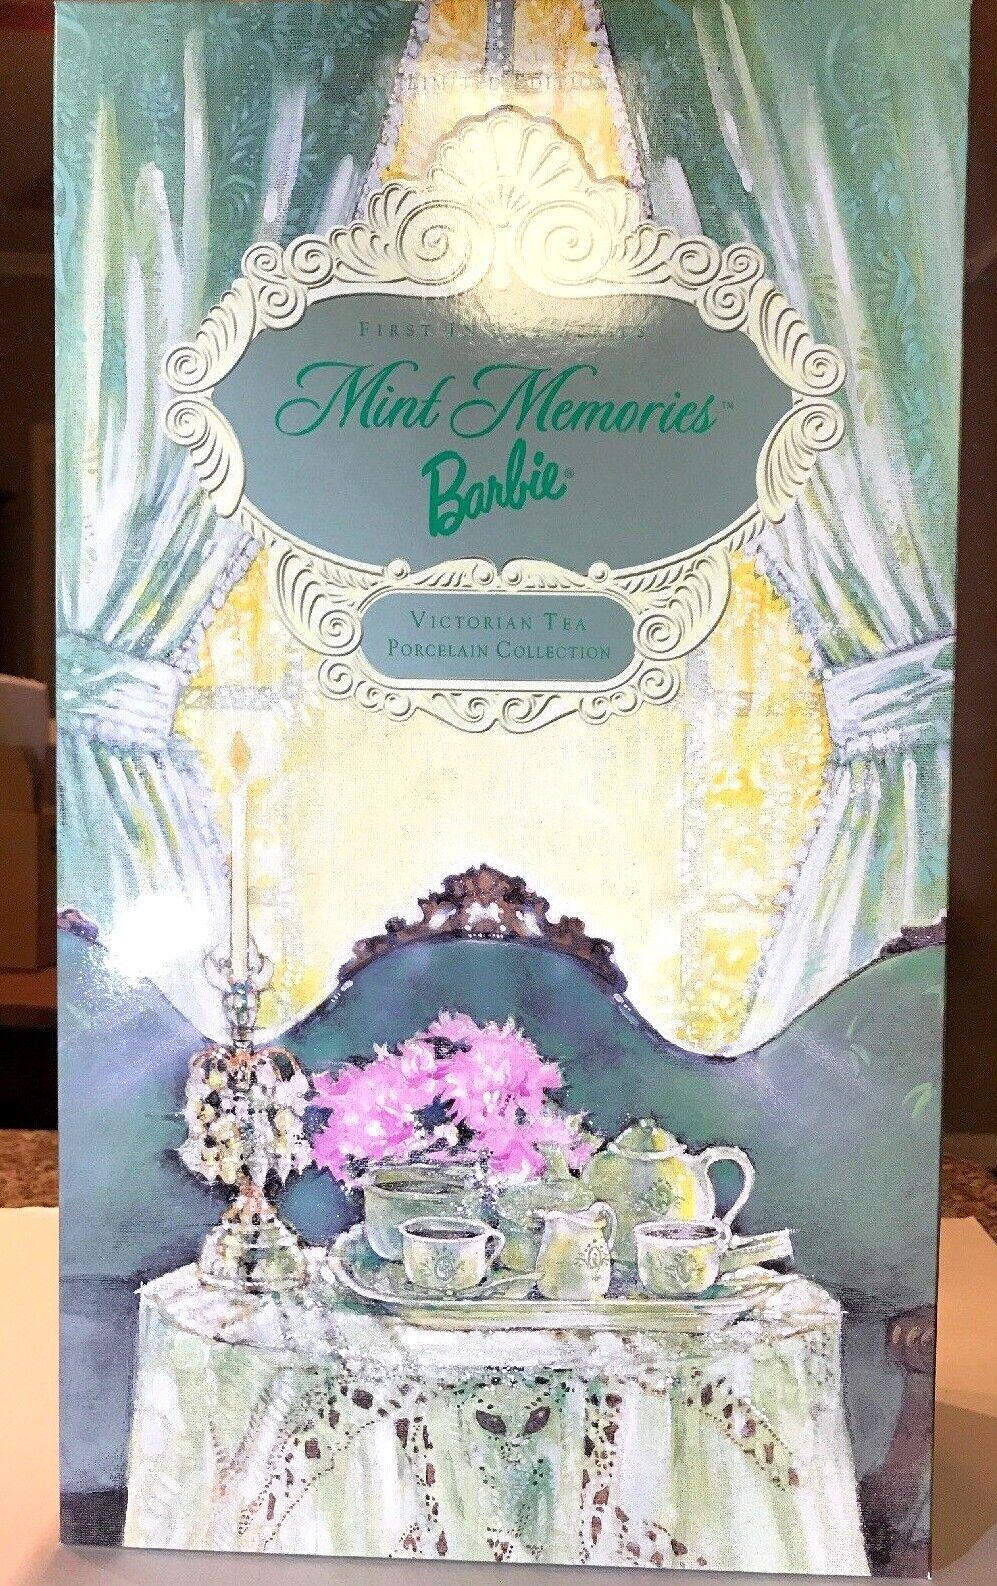 Barbie como nuevo recuerdos de porcelana, nunca Abierto